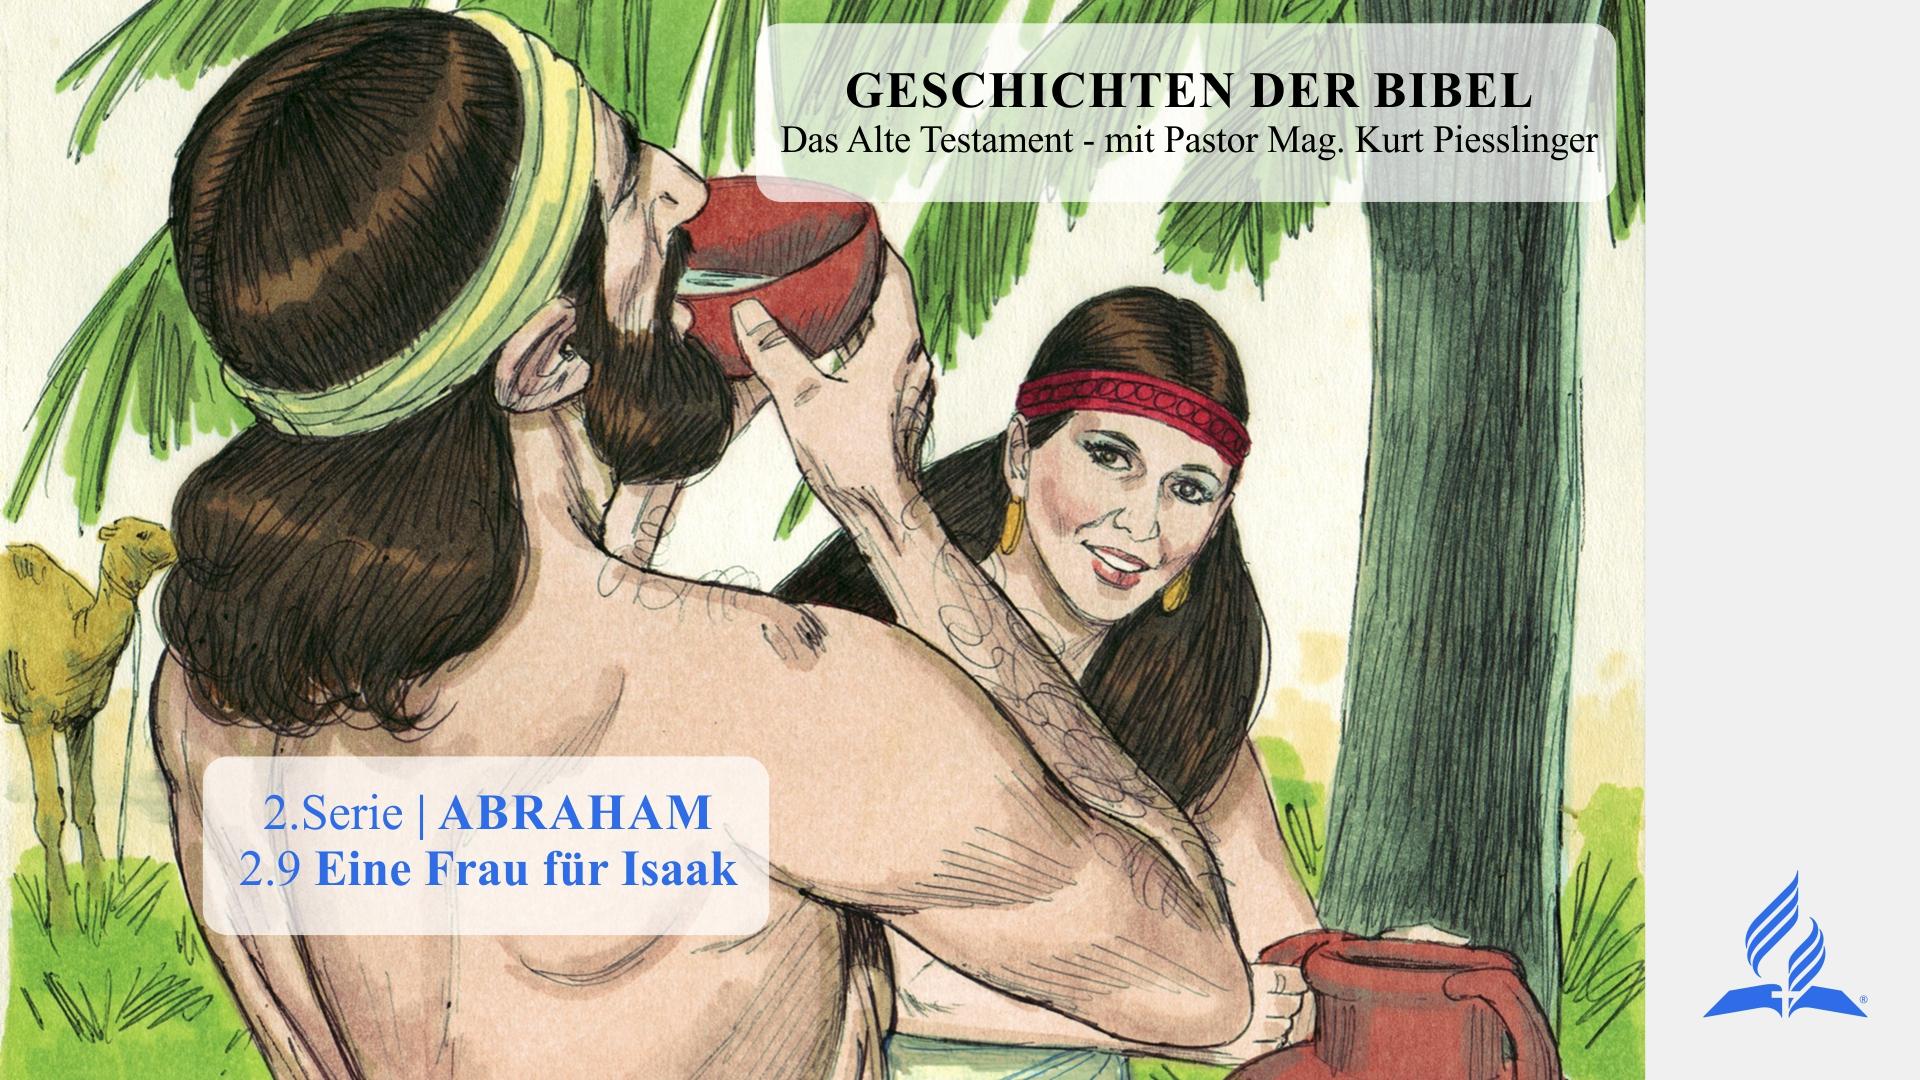 GESCHICHTEN DER BIBEL: 2.9 Eine Frau für Isaak – 2.ABRAHAM | Pastor Mag. Kurt Piesslinger